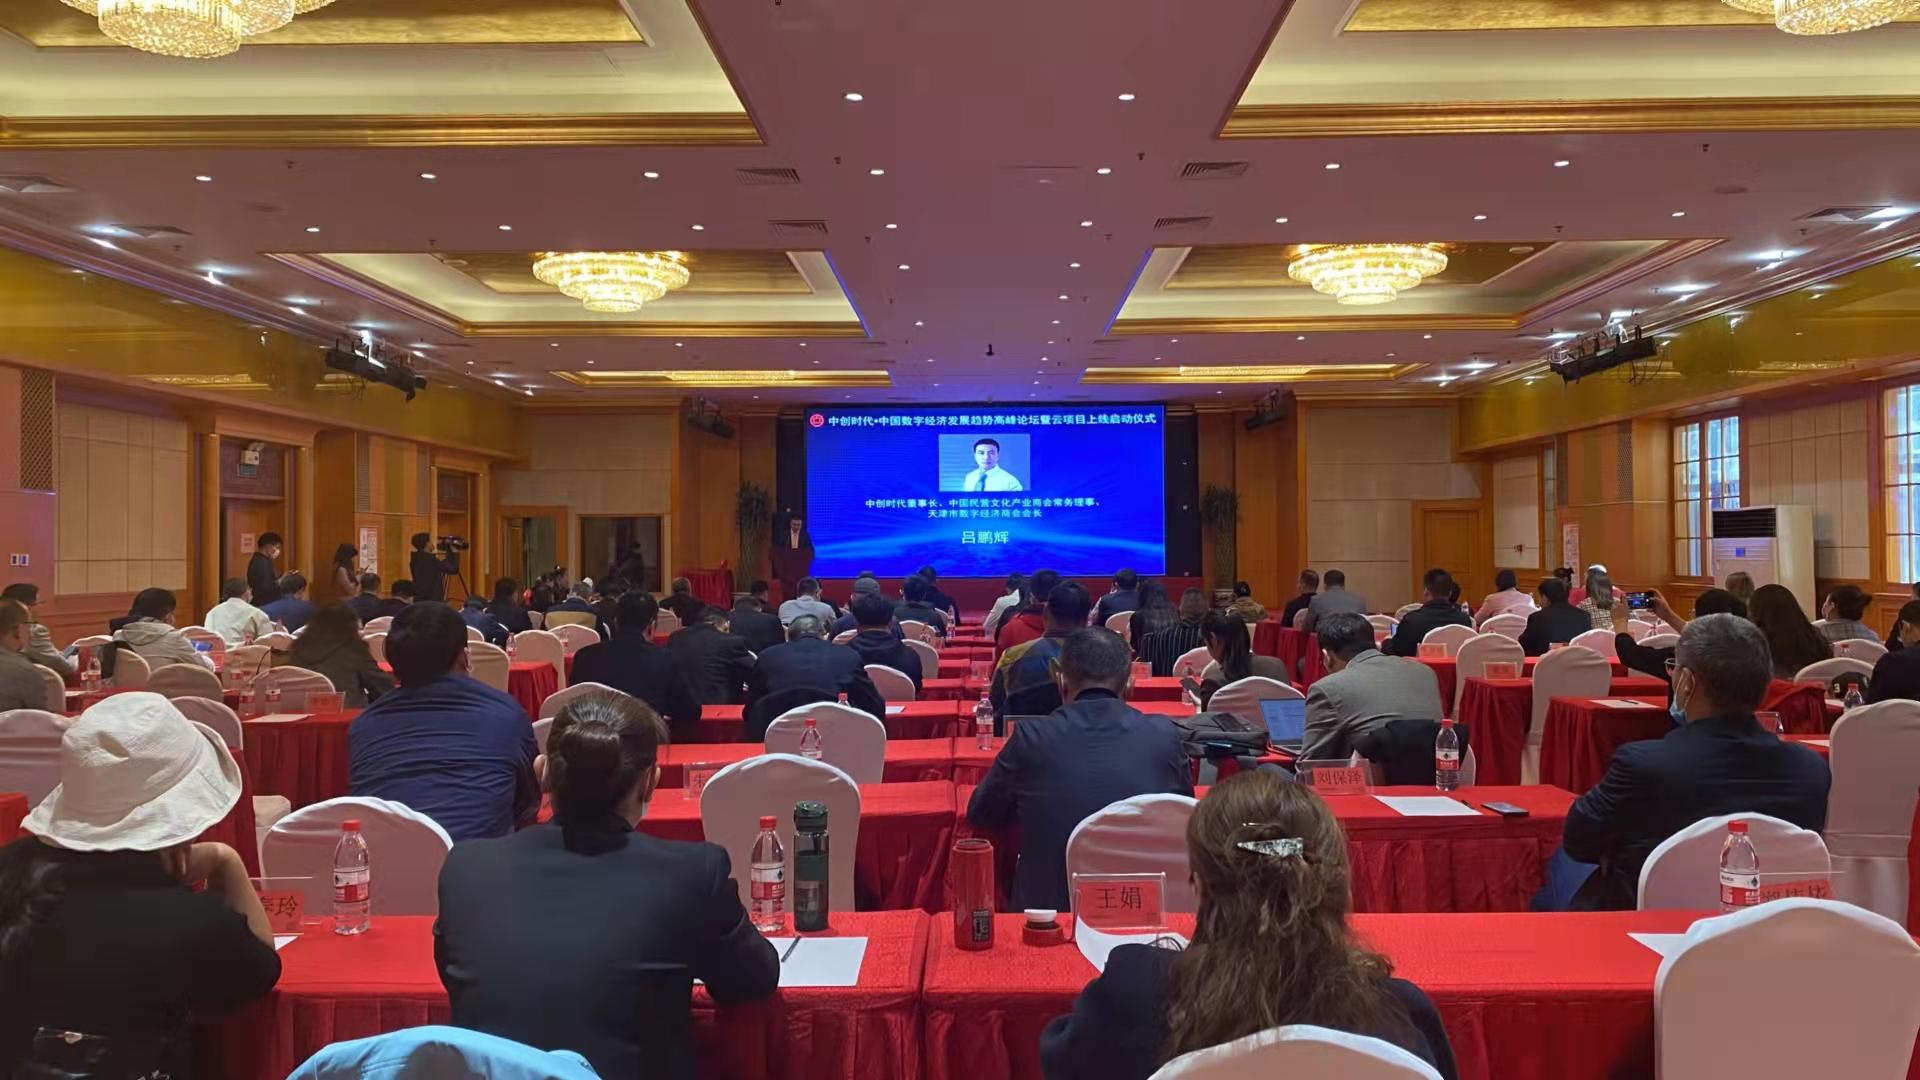 2021中国数字经济发展趋势高峰论坛暨云项目上线启动仪式在京举行